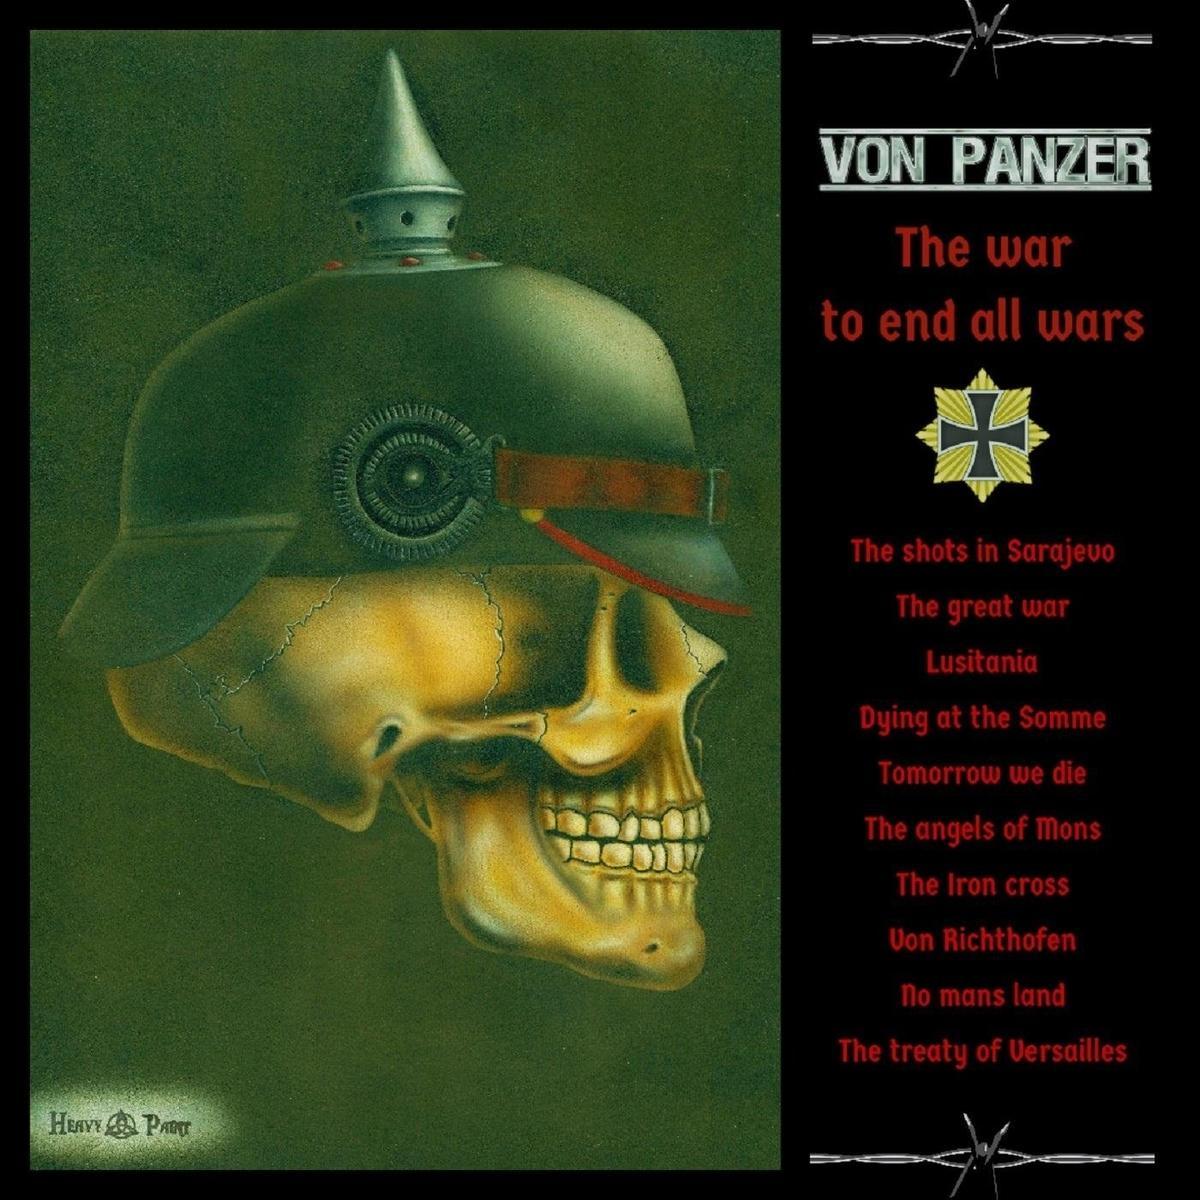 Von Panzer - The War to End All Wars